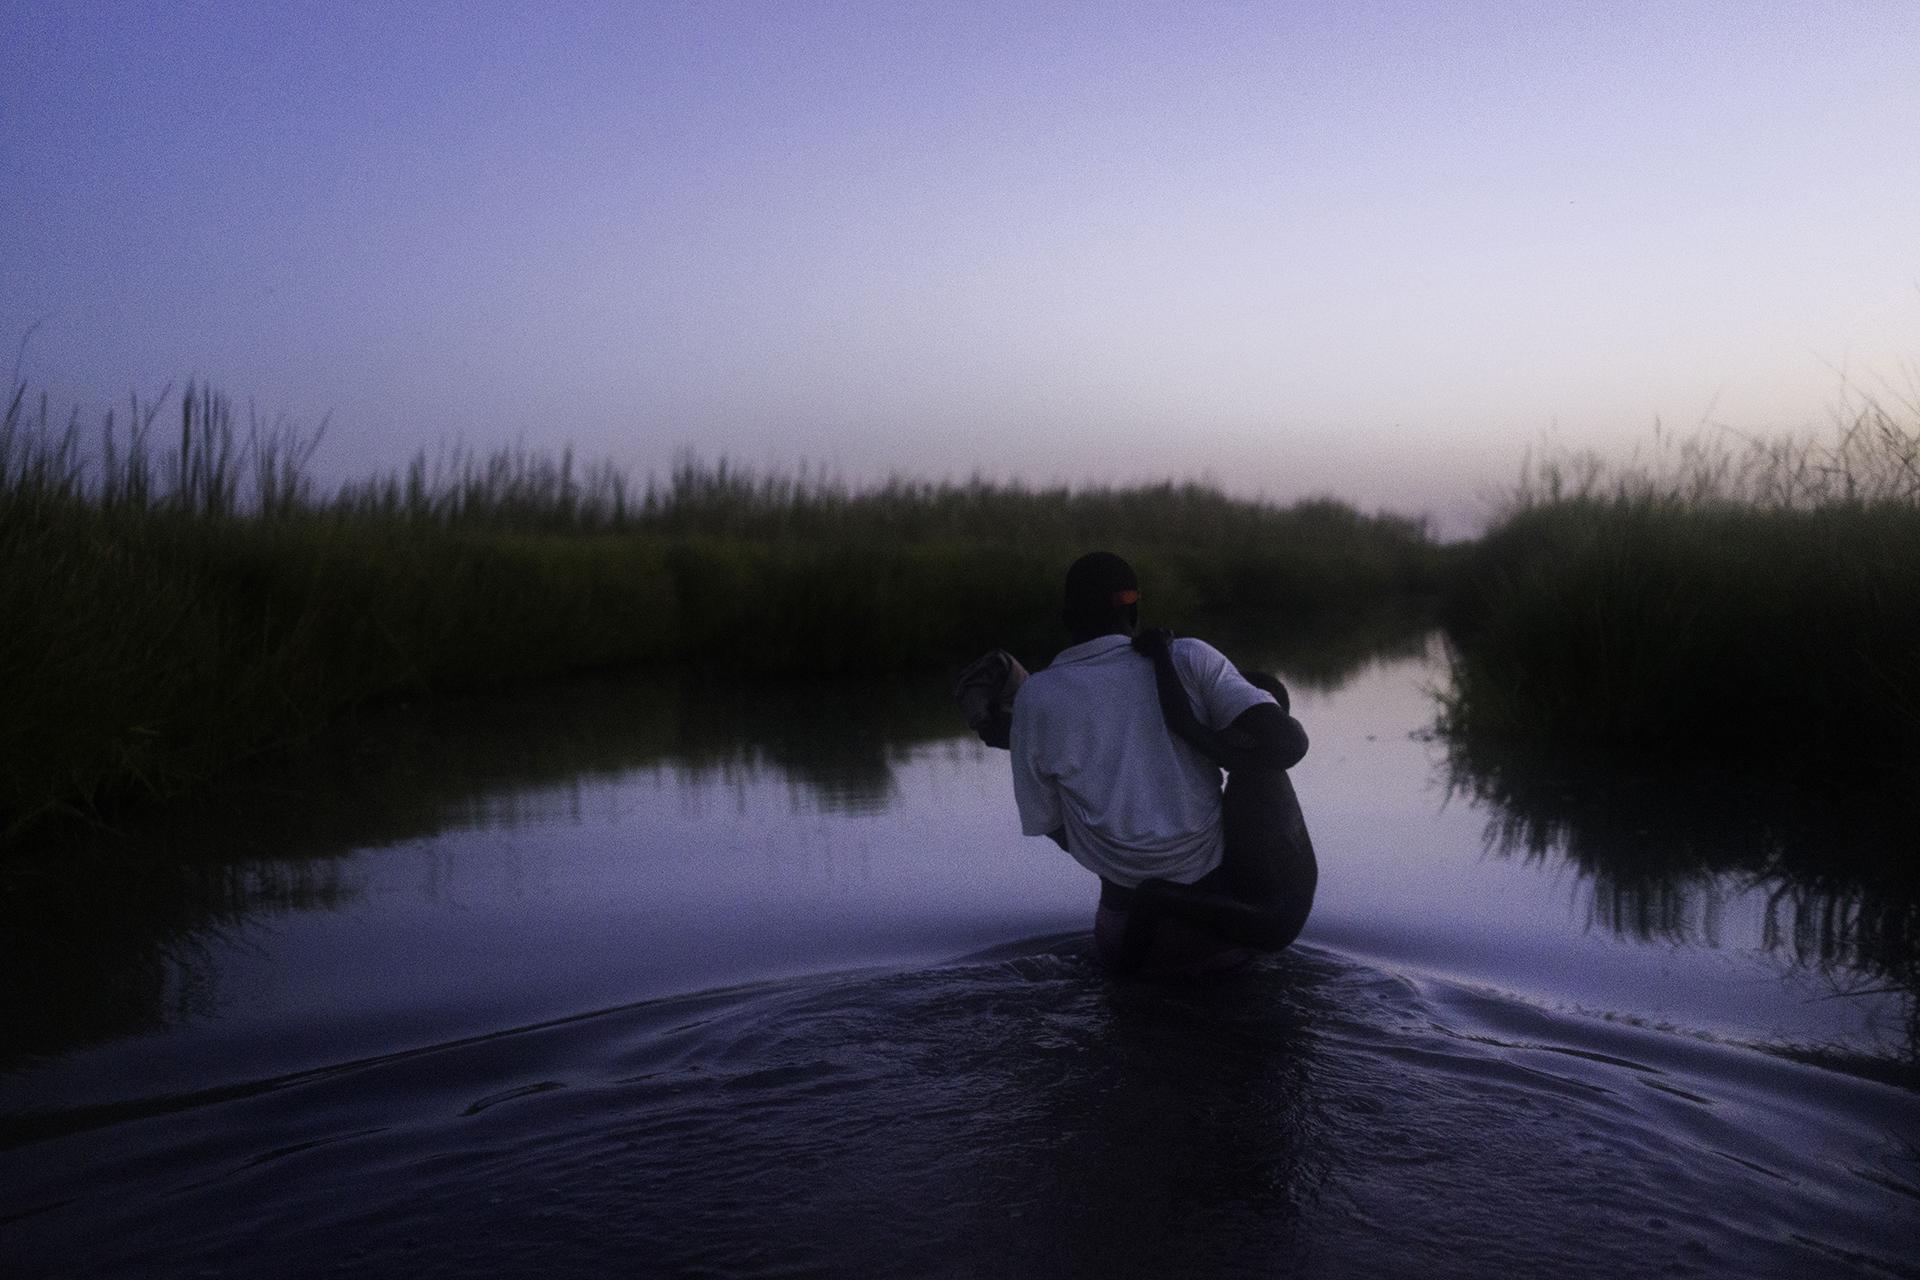 ISLA DE KOK, SUDÁN DEL SUR: Al atardecer, caminando a través de los pantanos del Estado de Unidad, un integrante de MSF carga a un niño mientras su familia se abre camino hacia la relativa seguridad de la isla de Kok, en donde más de 2000 personas se están refugiando del conflicto (©Dominic Nahr)